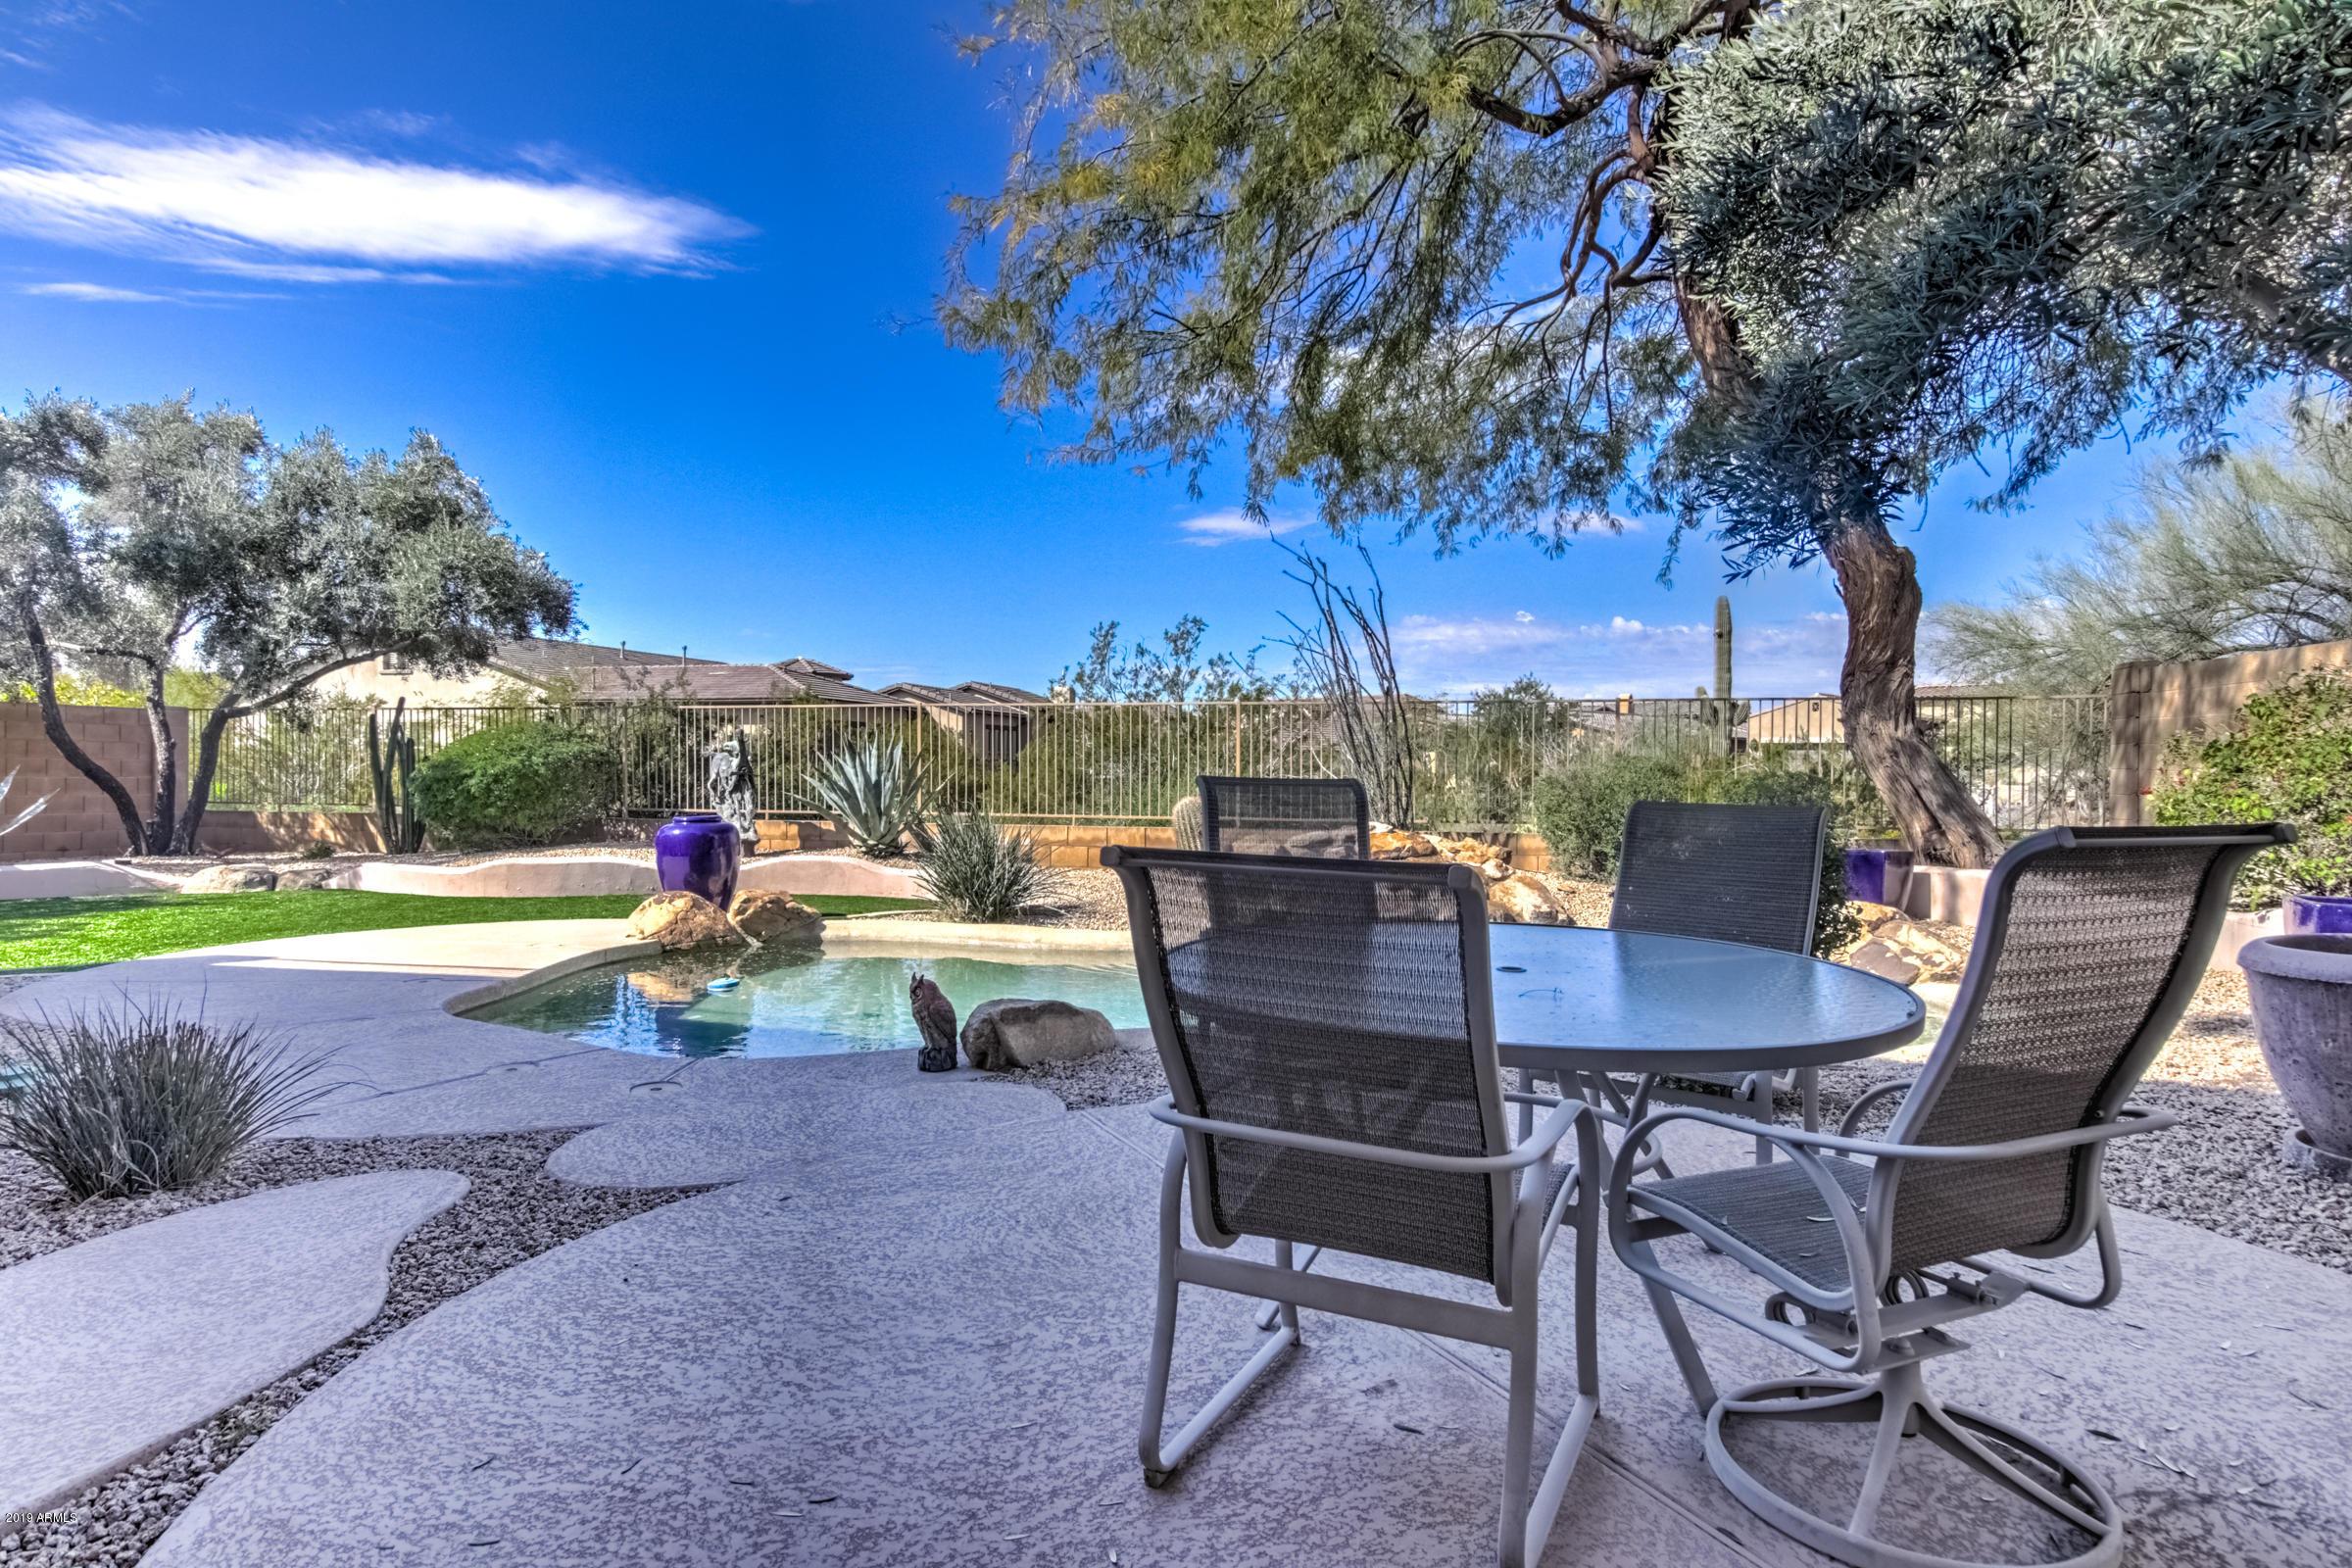 MLS 5892917 24352 N 74TH Place, Scottsdale, AZ 85255 Scottsdale AZ Private Pool